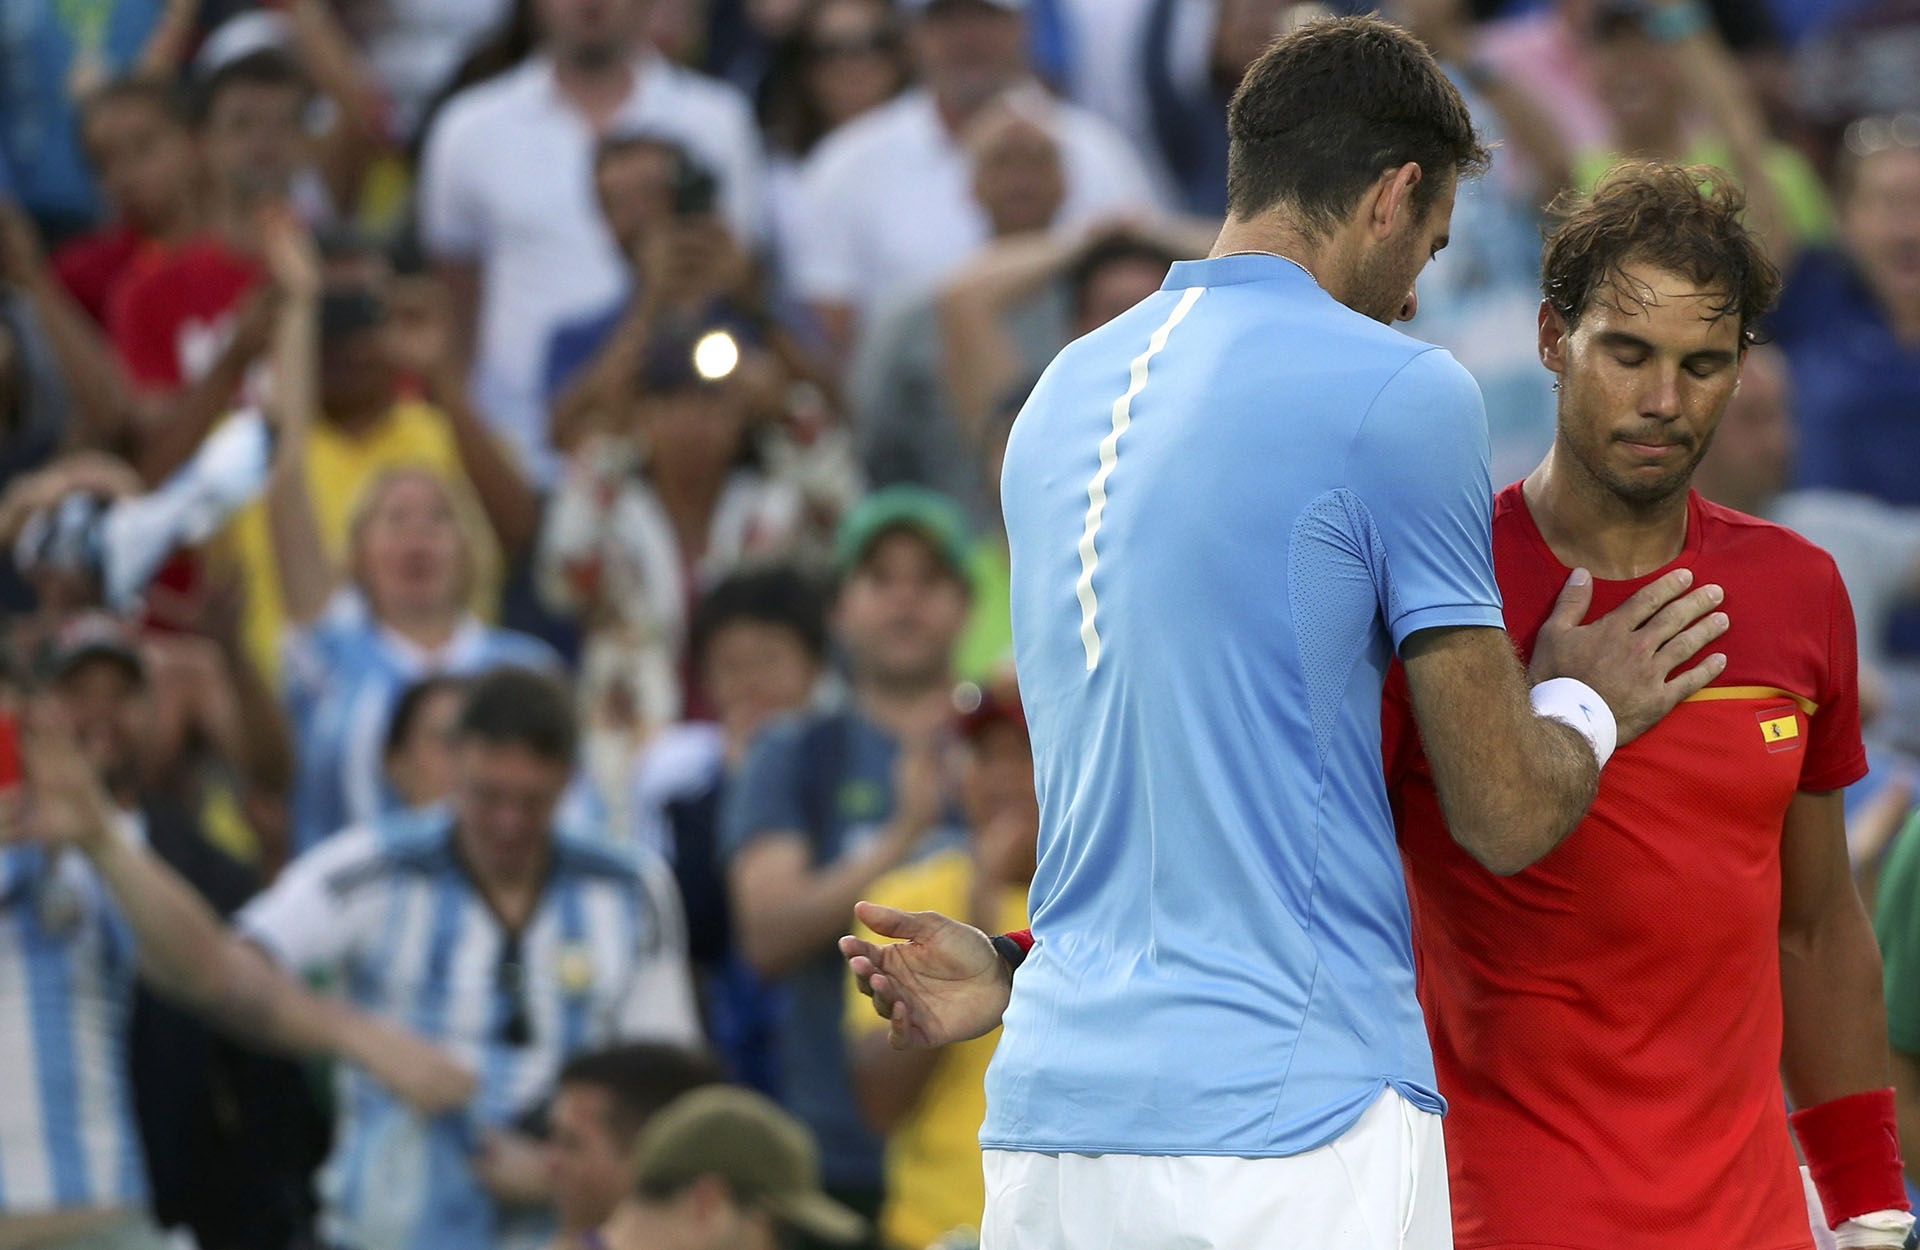 El recuerdo del triunfo de Juan Martín sobre Nadal en los Juegos Olímpicos de Río (Reuters)